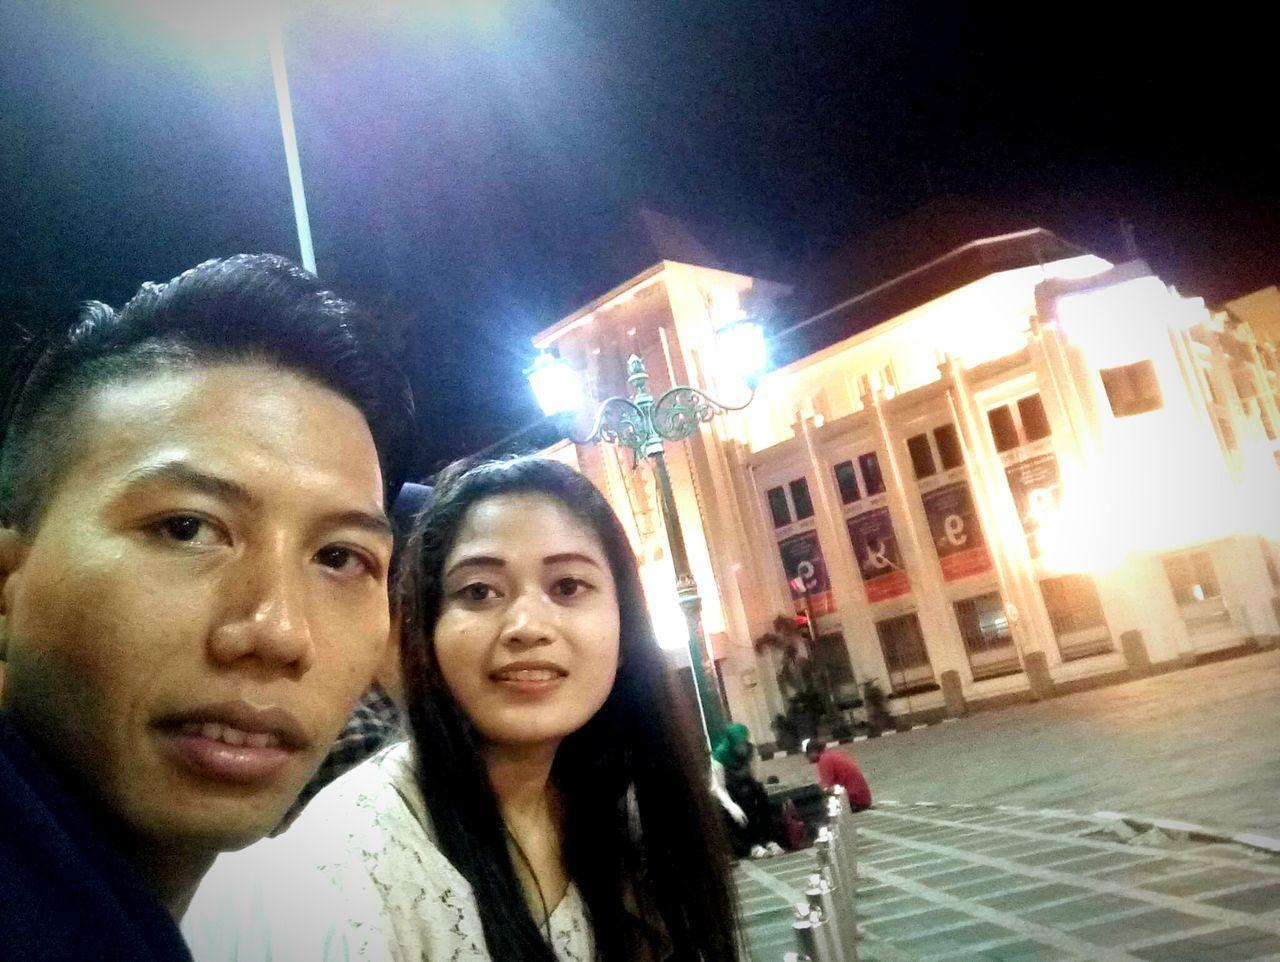 Relax Malioboro Jogjaistimewa Jawatengah INDONESIA